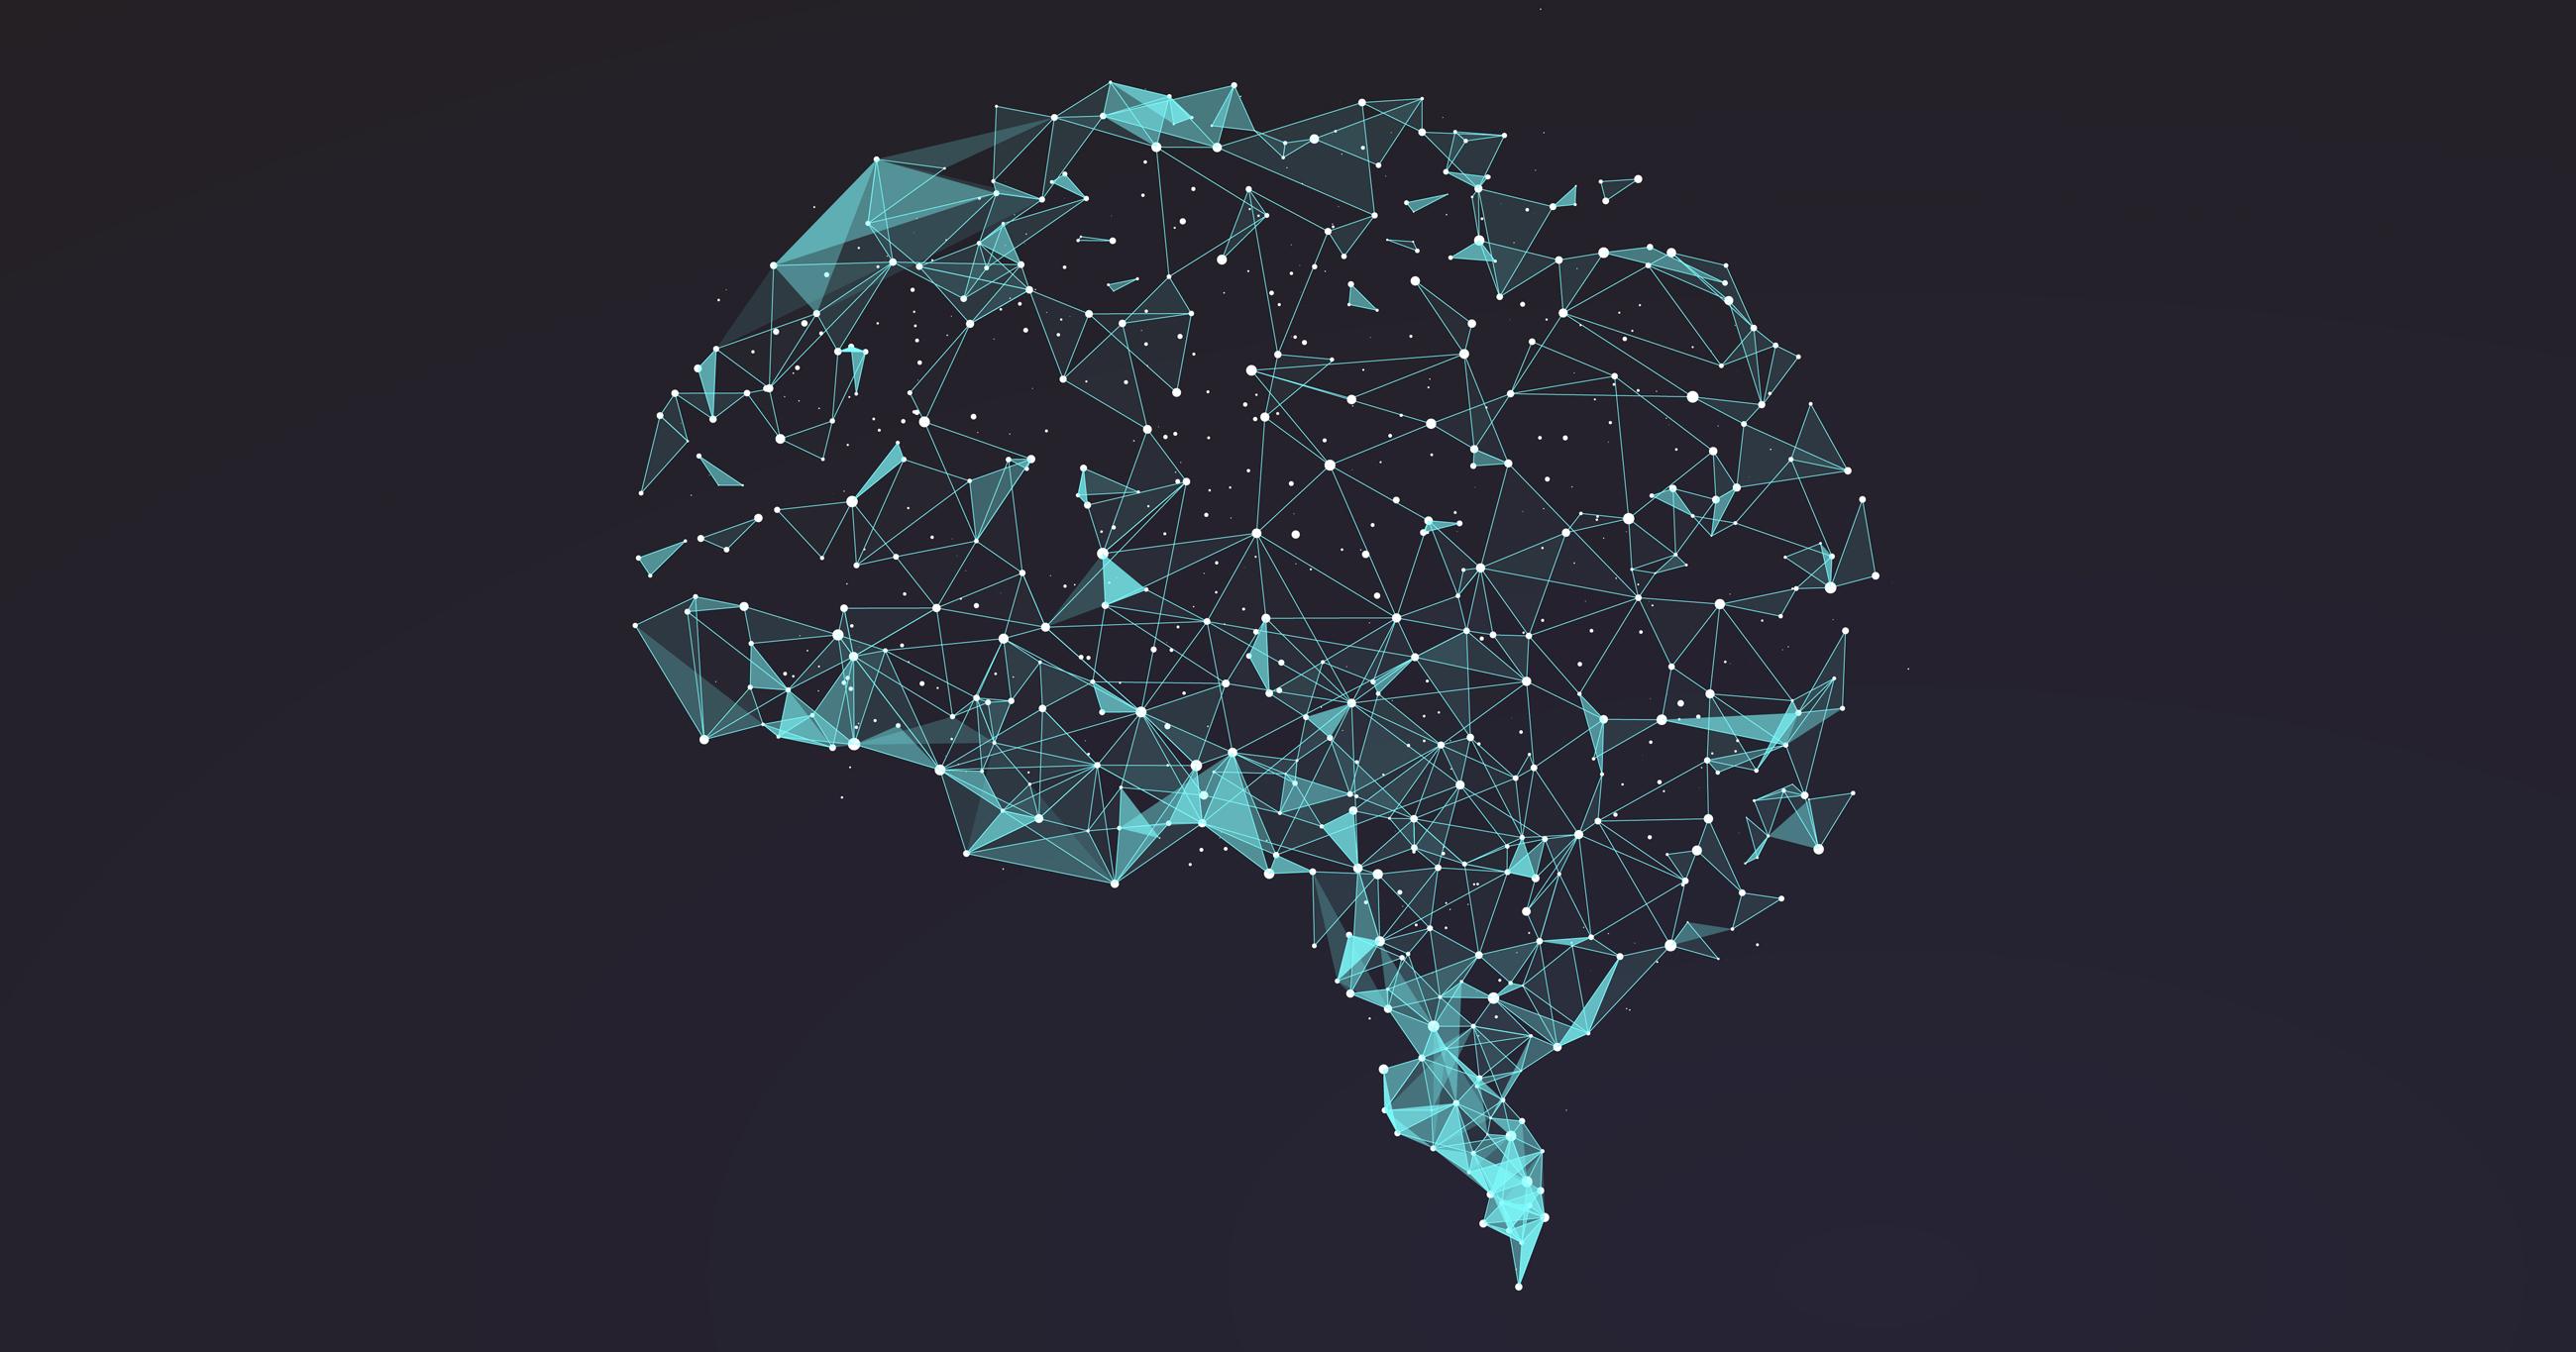 مغز هنگام یادگیری مطالب جدید، به عادتهای قدیمی وفادار است!